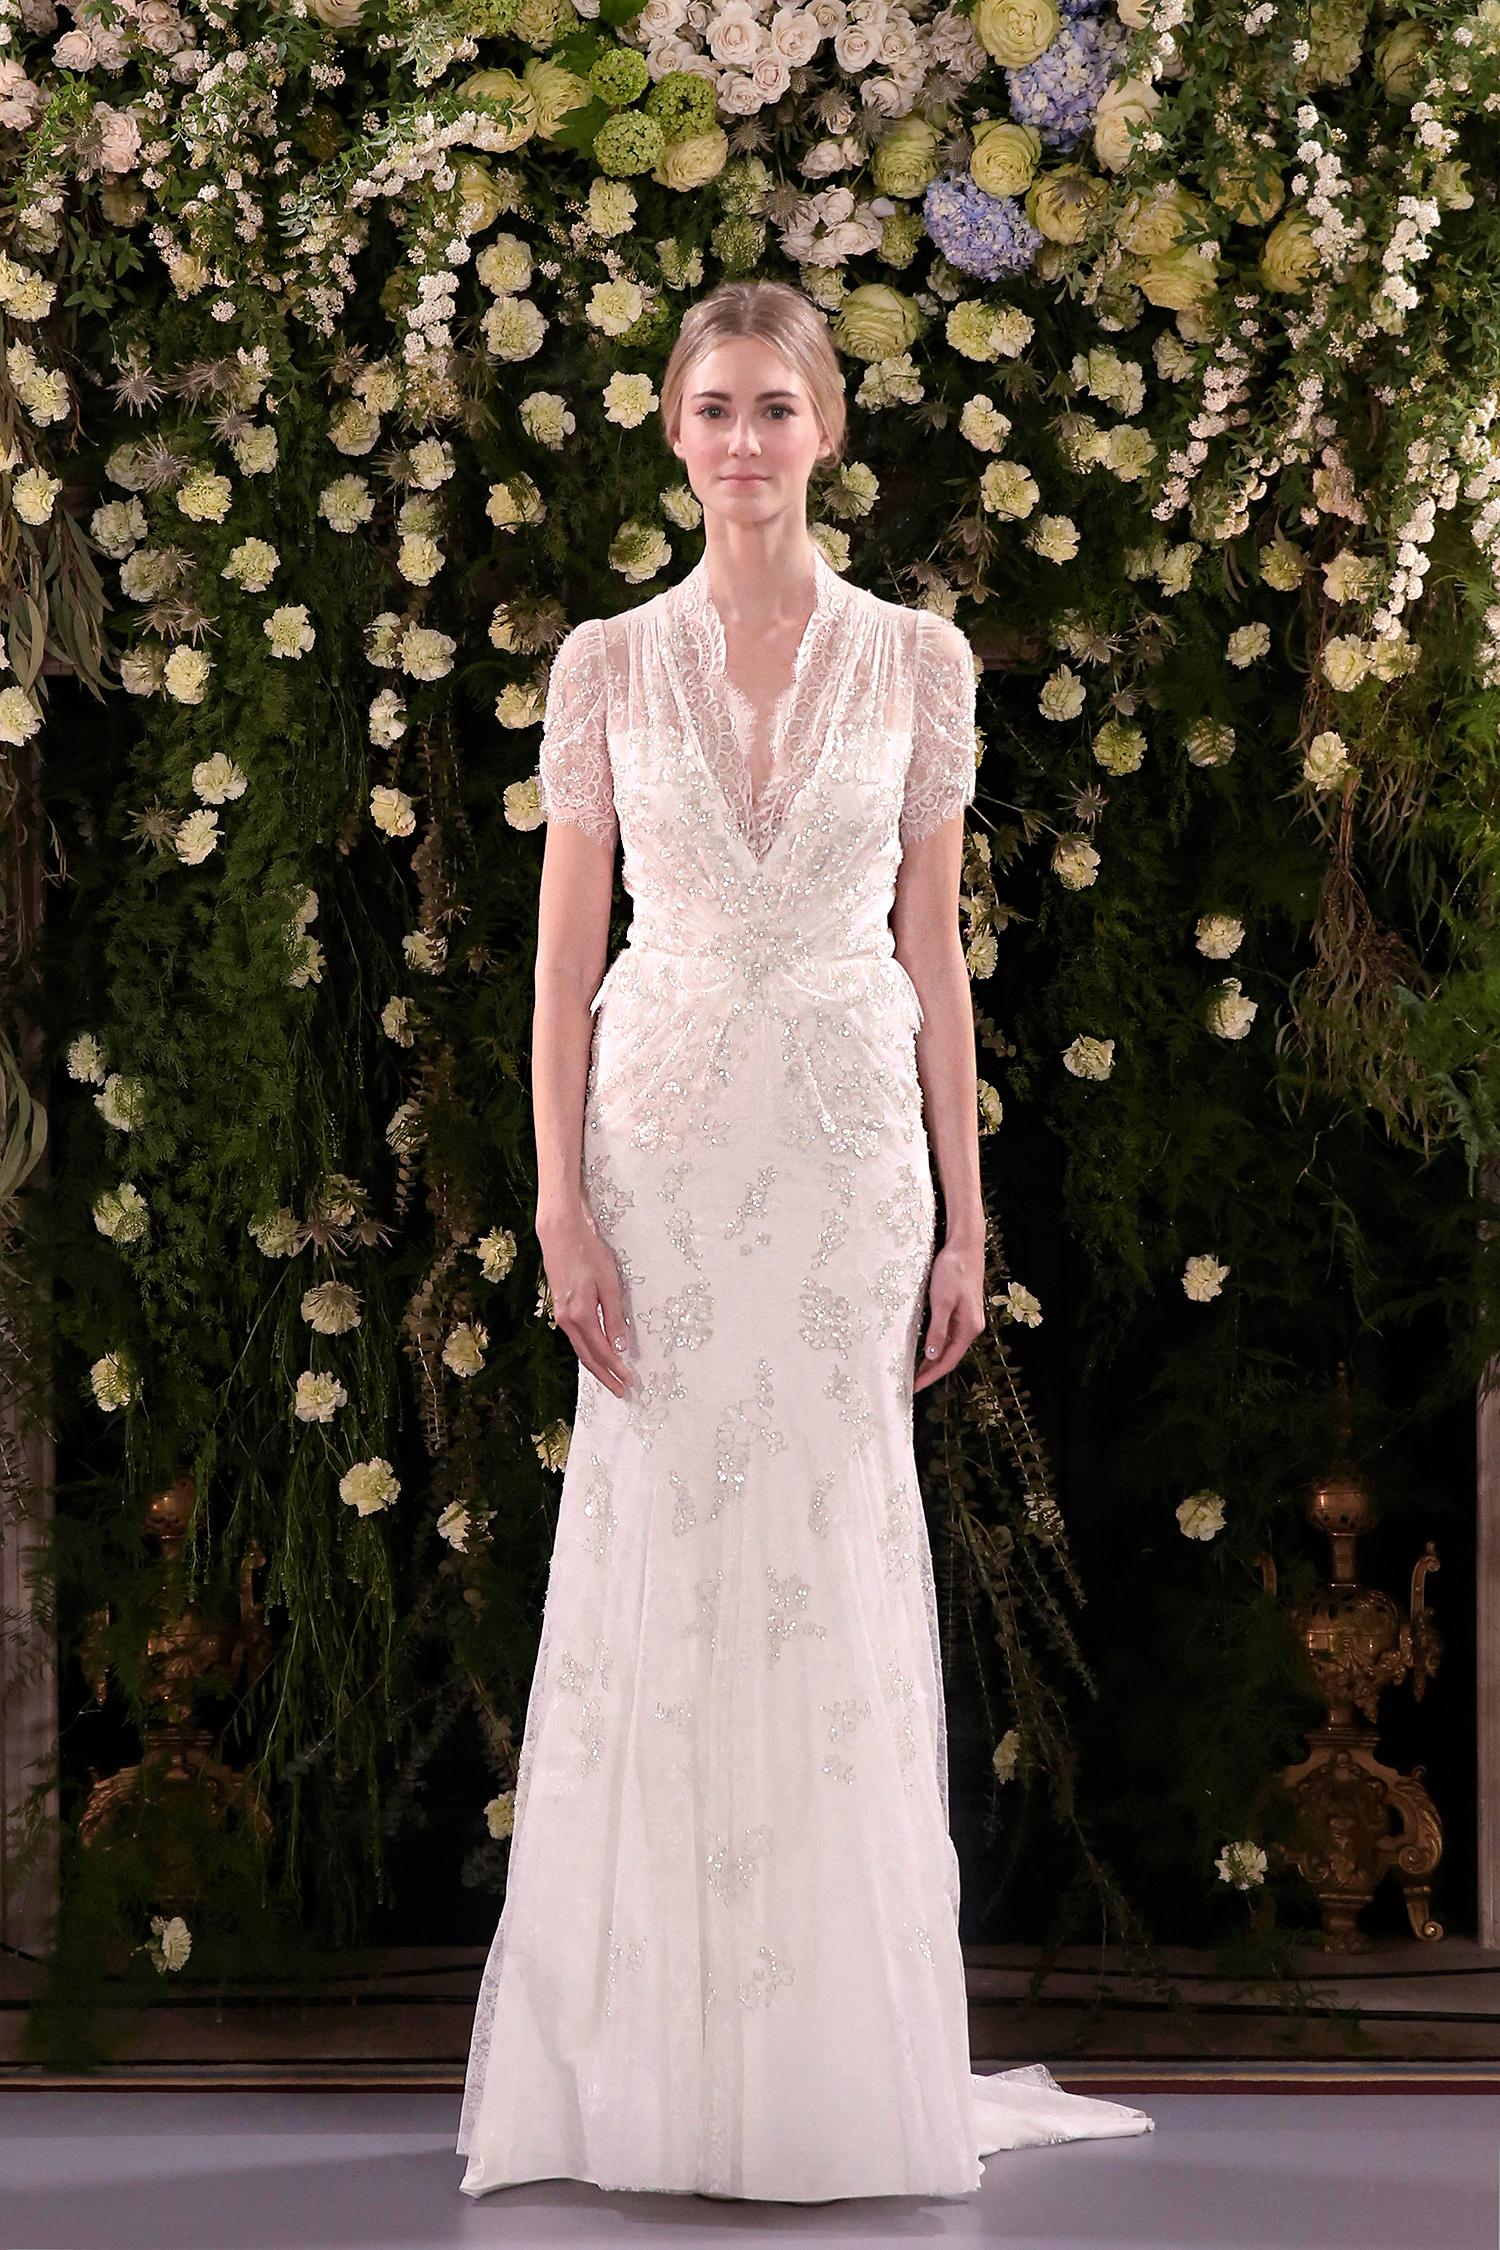 jenny packham wedding dress spring 2019 layered short-sleeved sheath